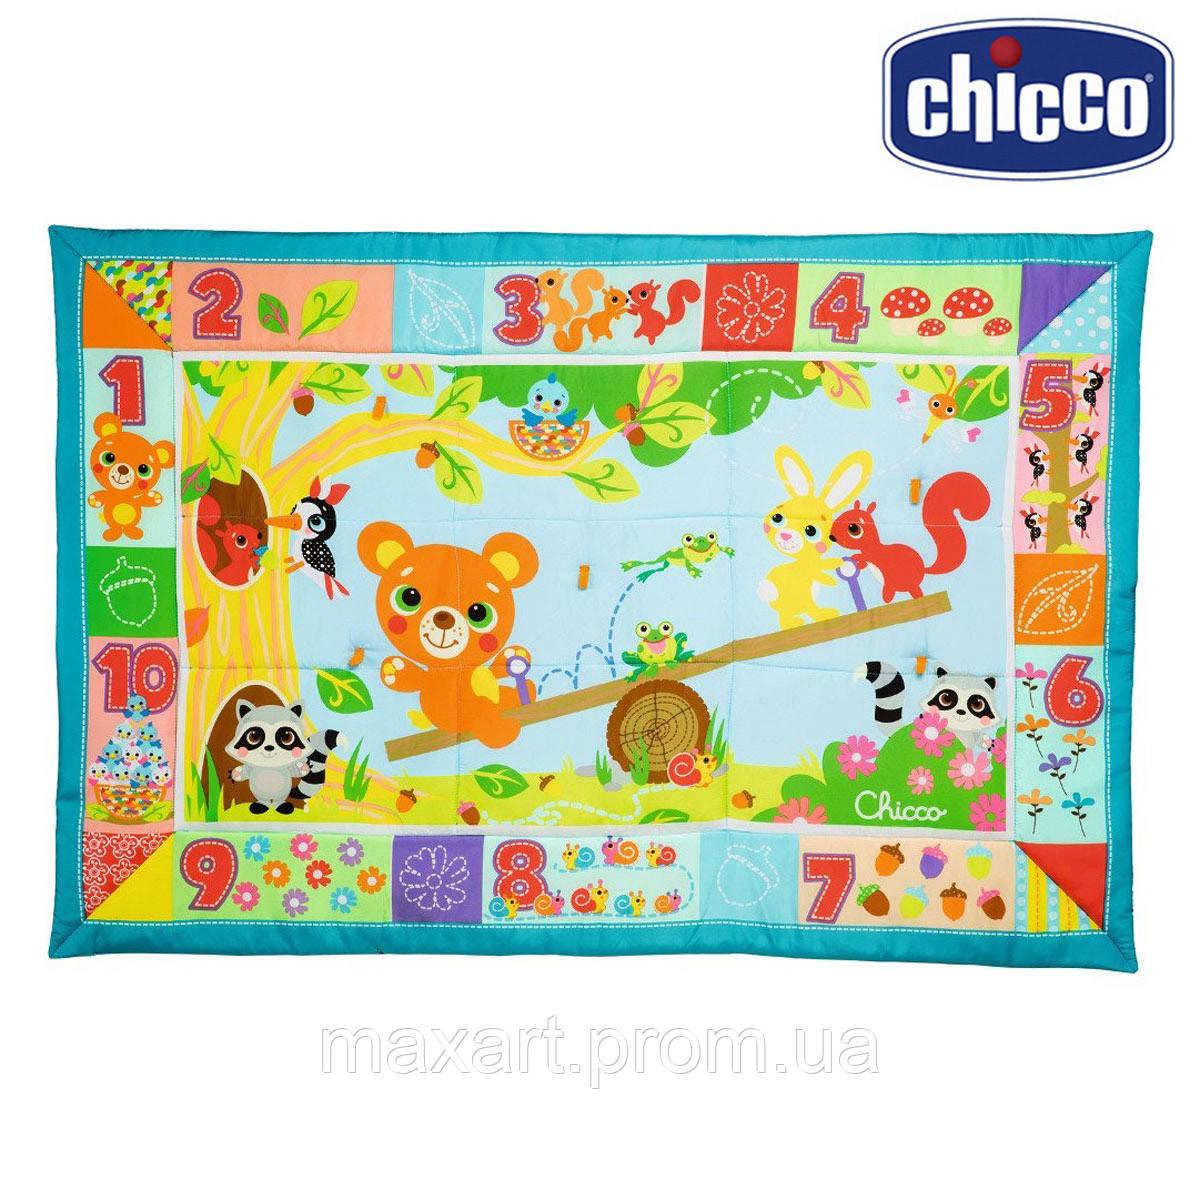 Коврик игровой Chicco - Друзья леса (07945.00)